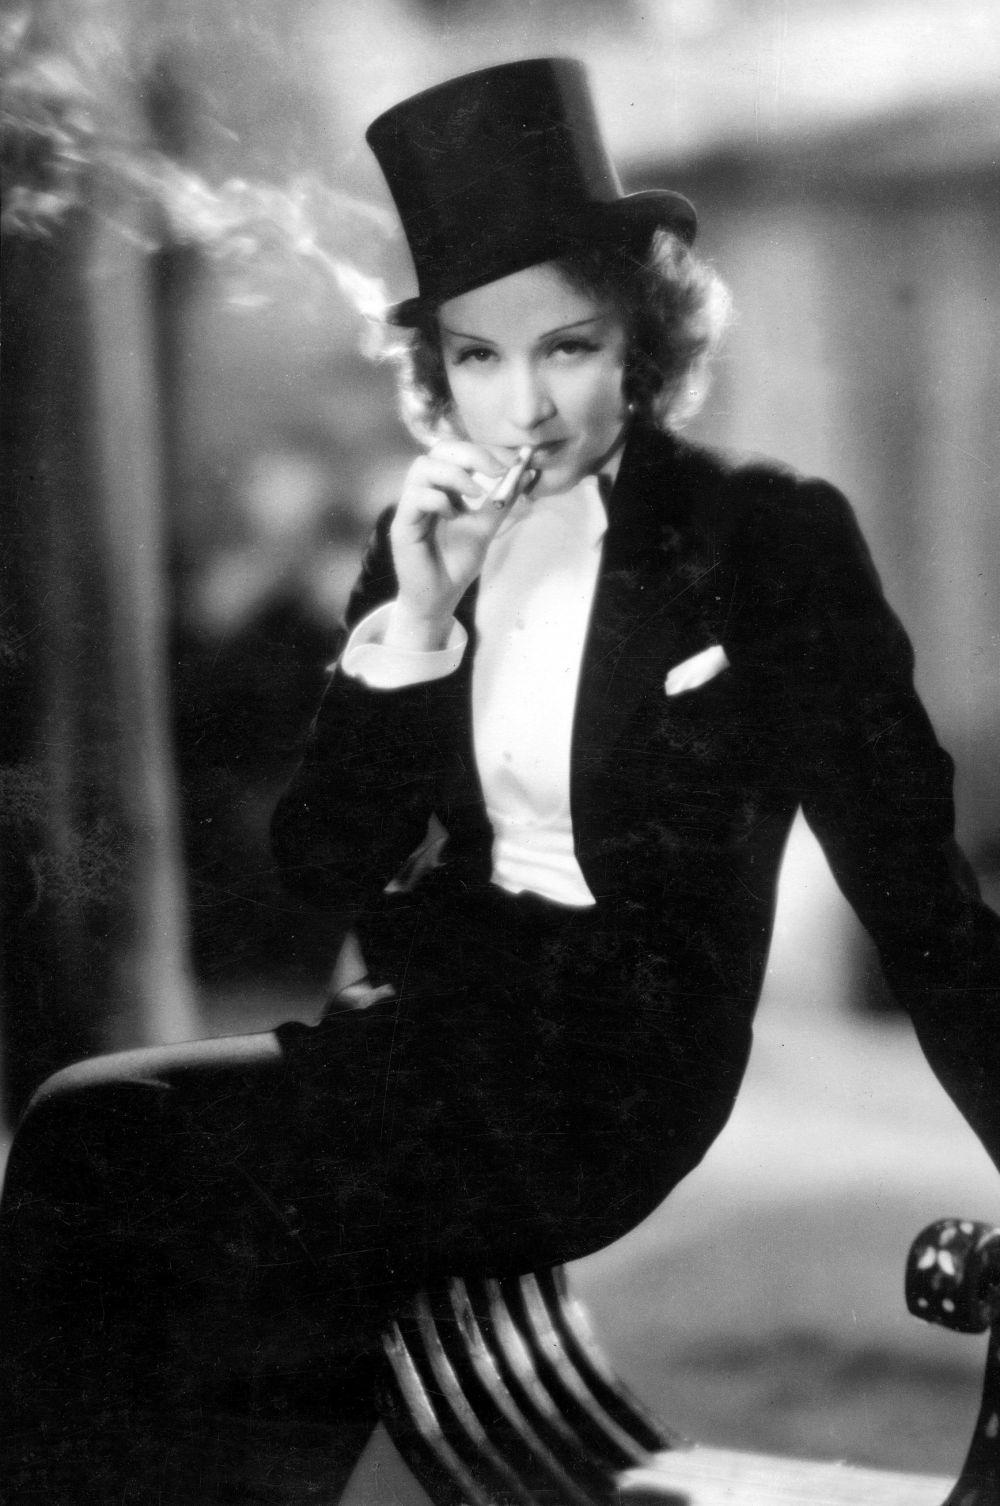 За пять лет в Штатах Дитрих и Штернберг сняли пять фильмов. За роль в первом из них – «Марокко» - Марлен была номинирована на «Оскар» как исполнительница лучшей женской роли, но награда ушла Мари Дресслер за работу в «Мин и Билл».